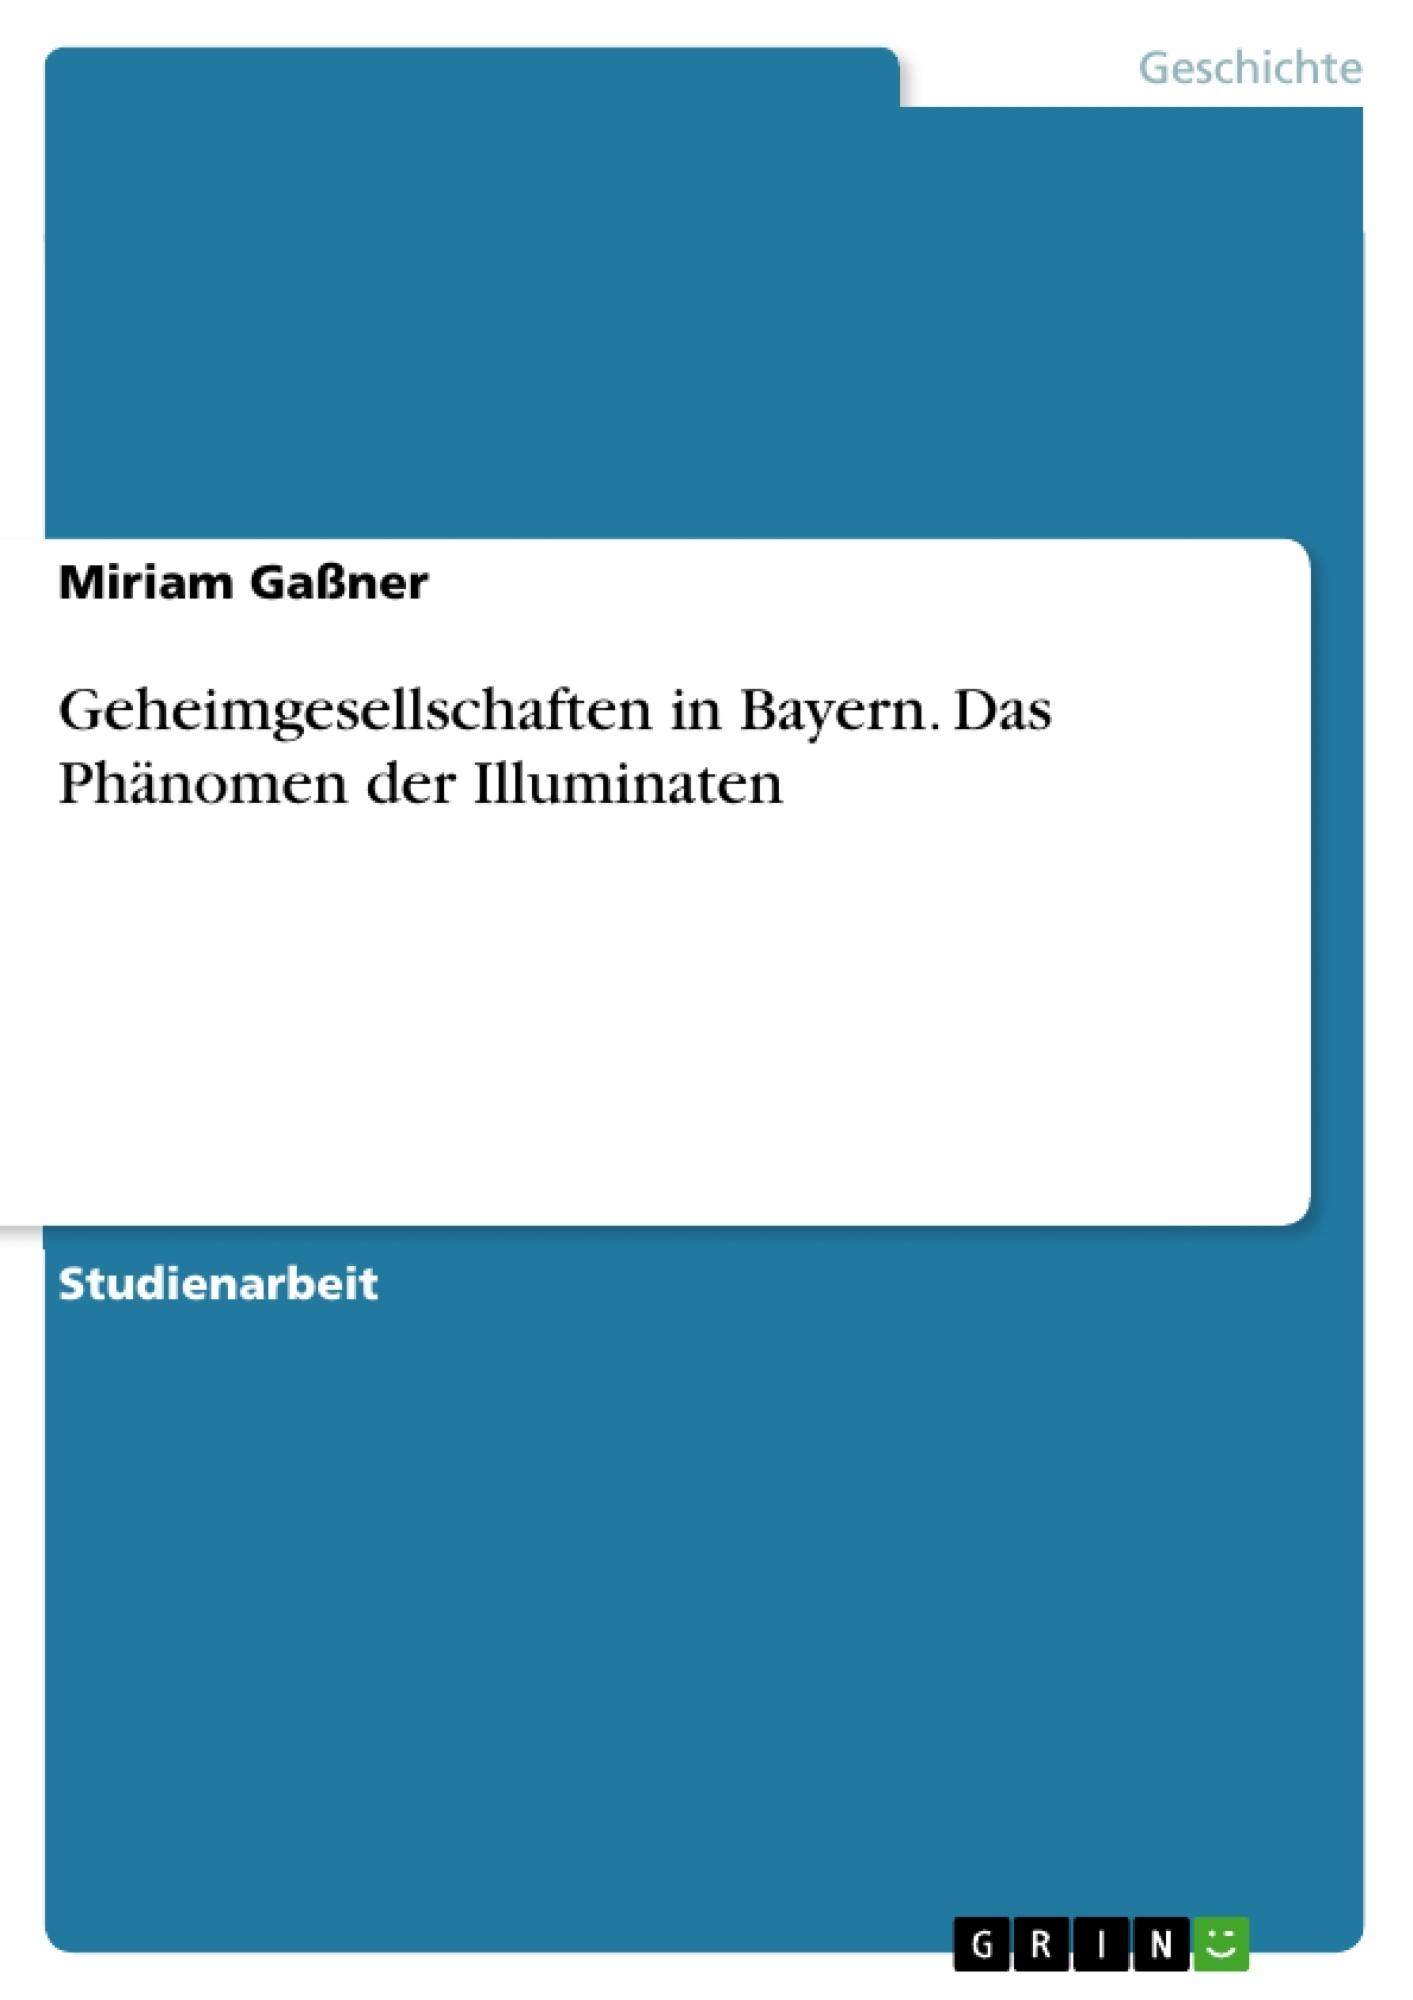 Titel: Geheimgesellschaften in Bayern. Das Phänomen der Illuminaten